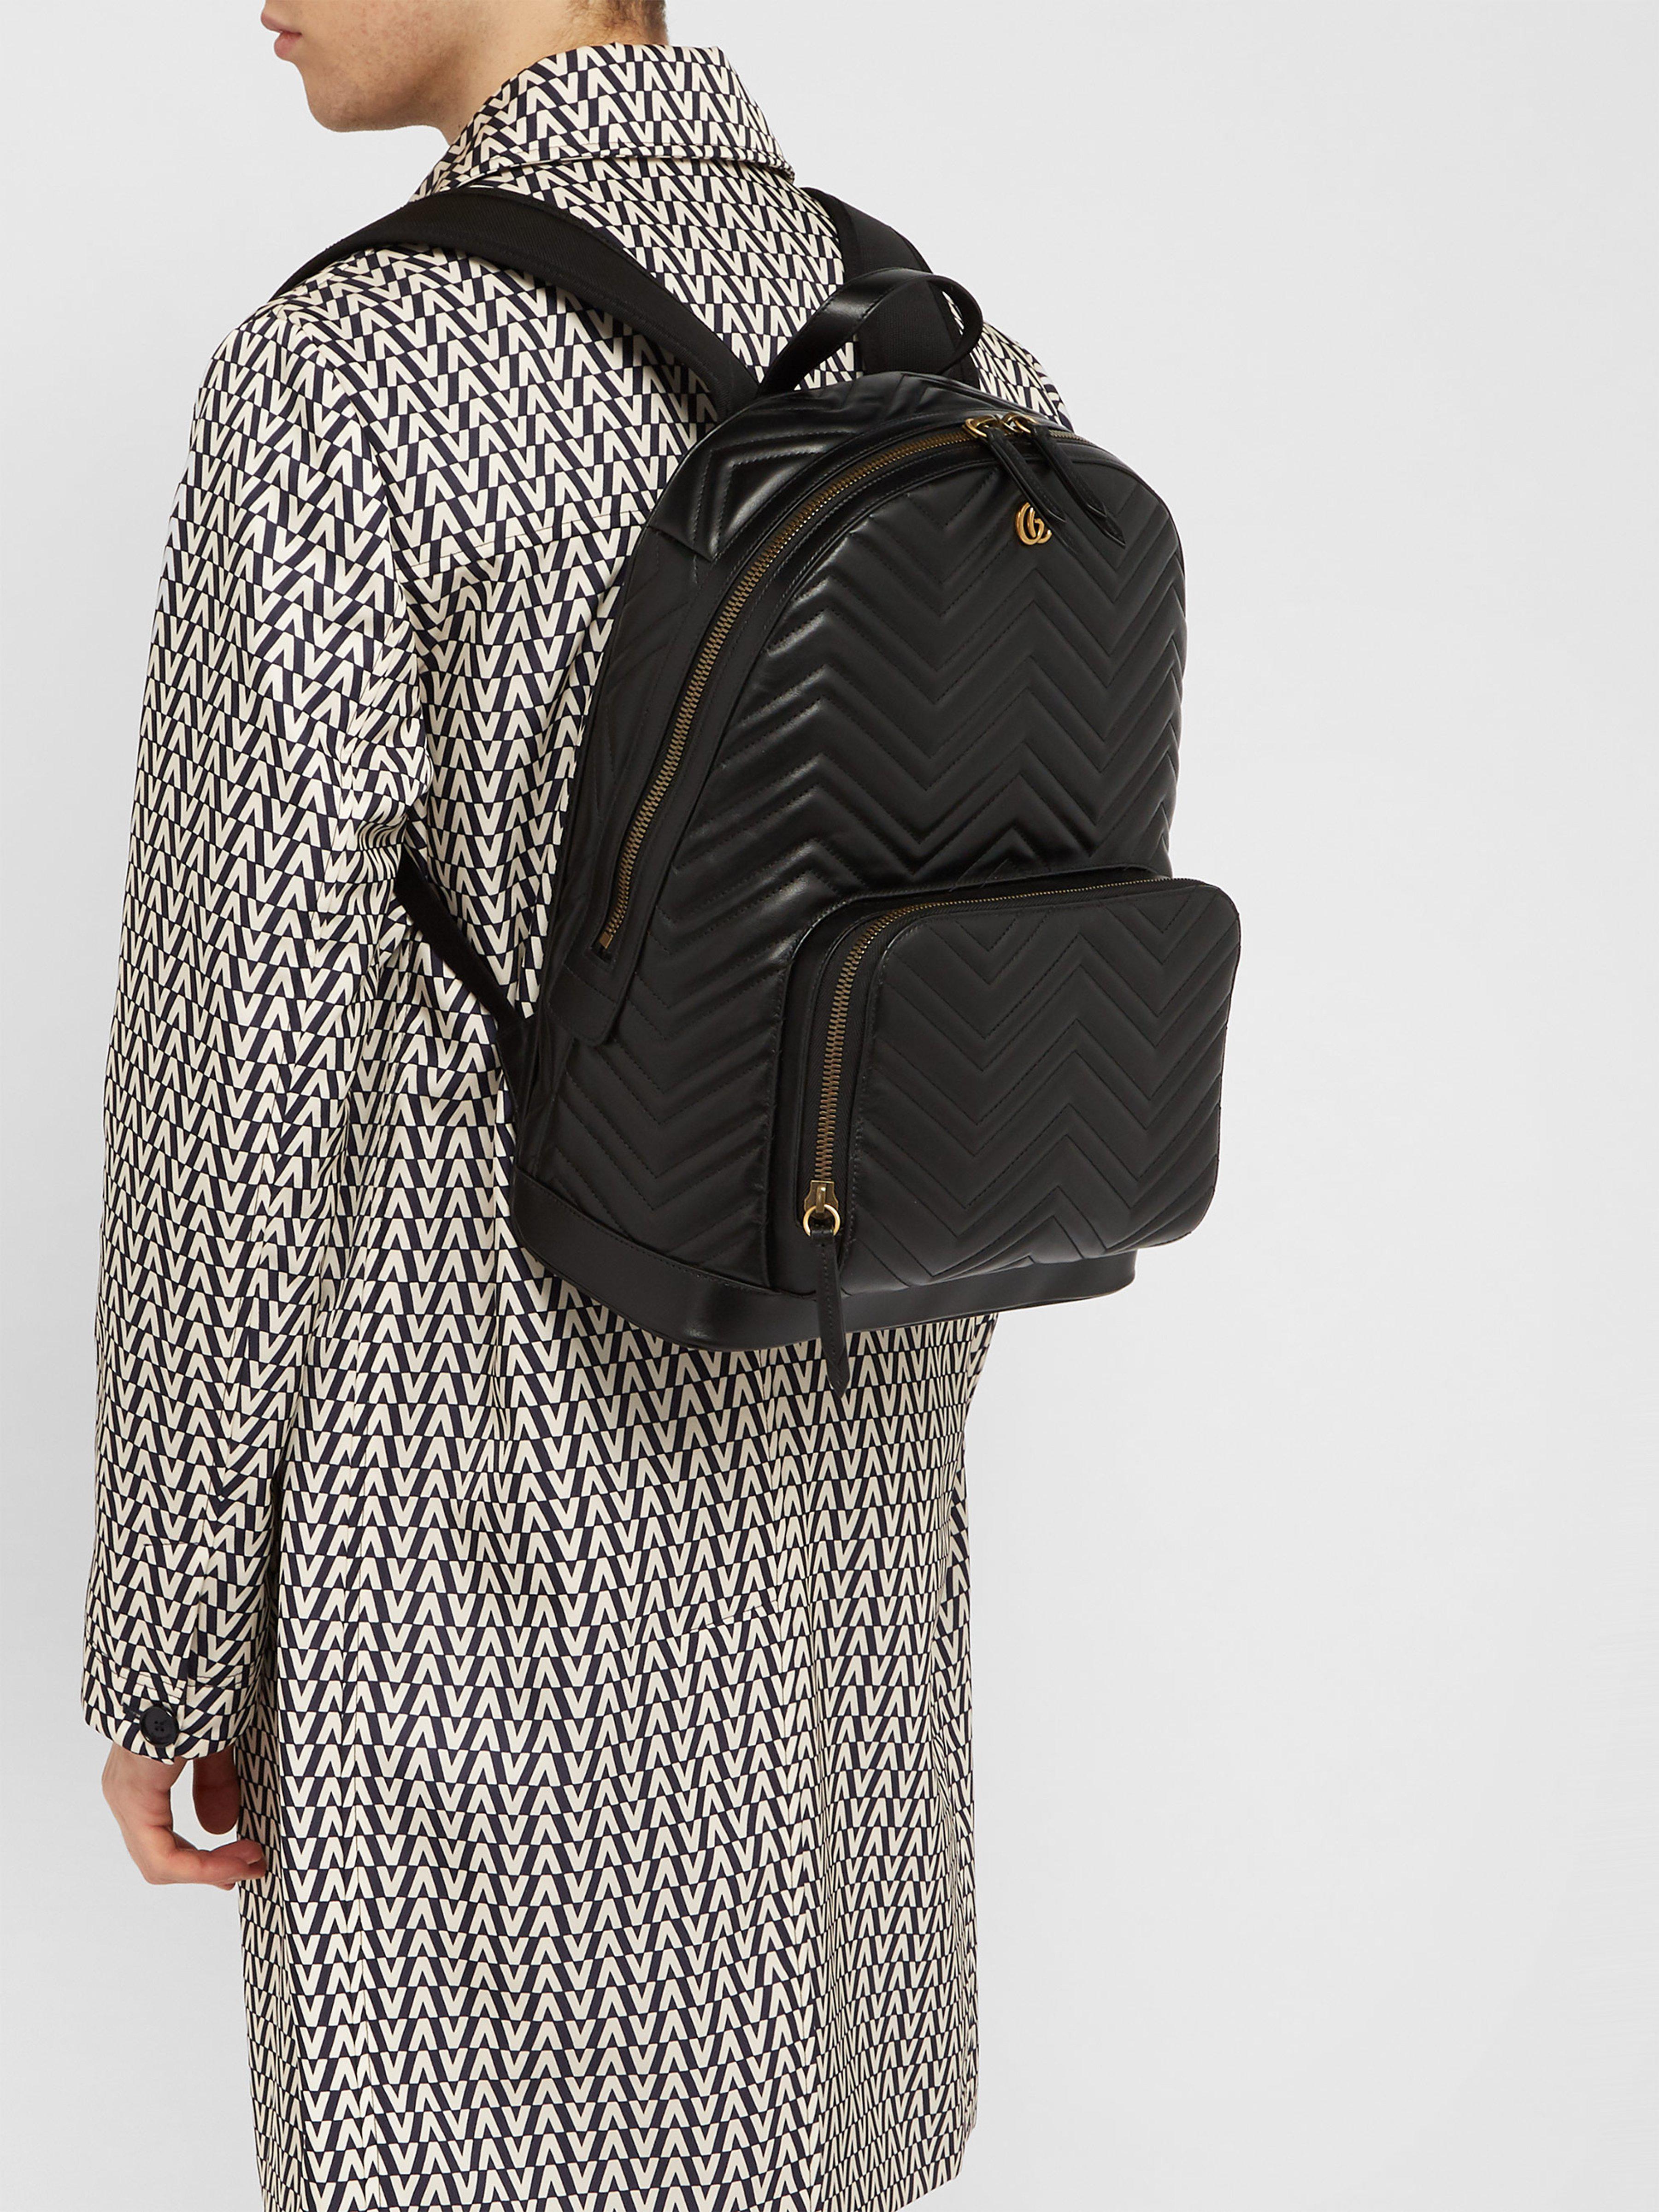 Lyst - Sac à dos en cuir Marmont Gucci pour homme en coloris Noir 62a03b4c26e